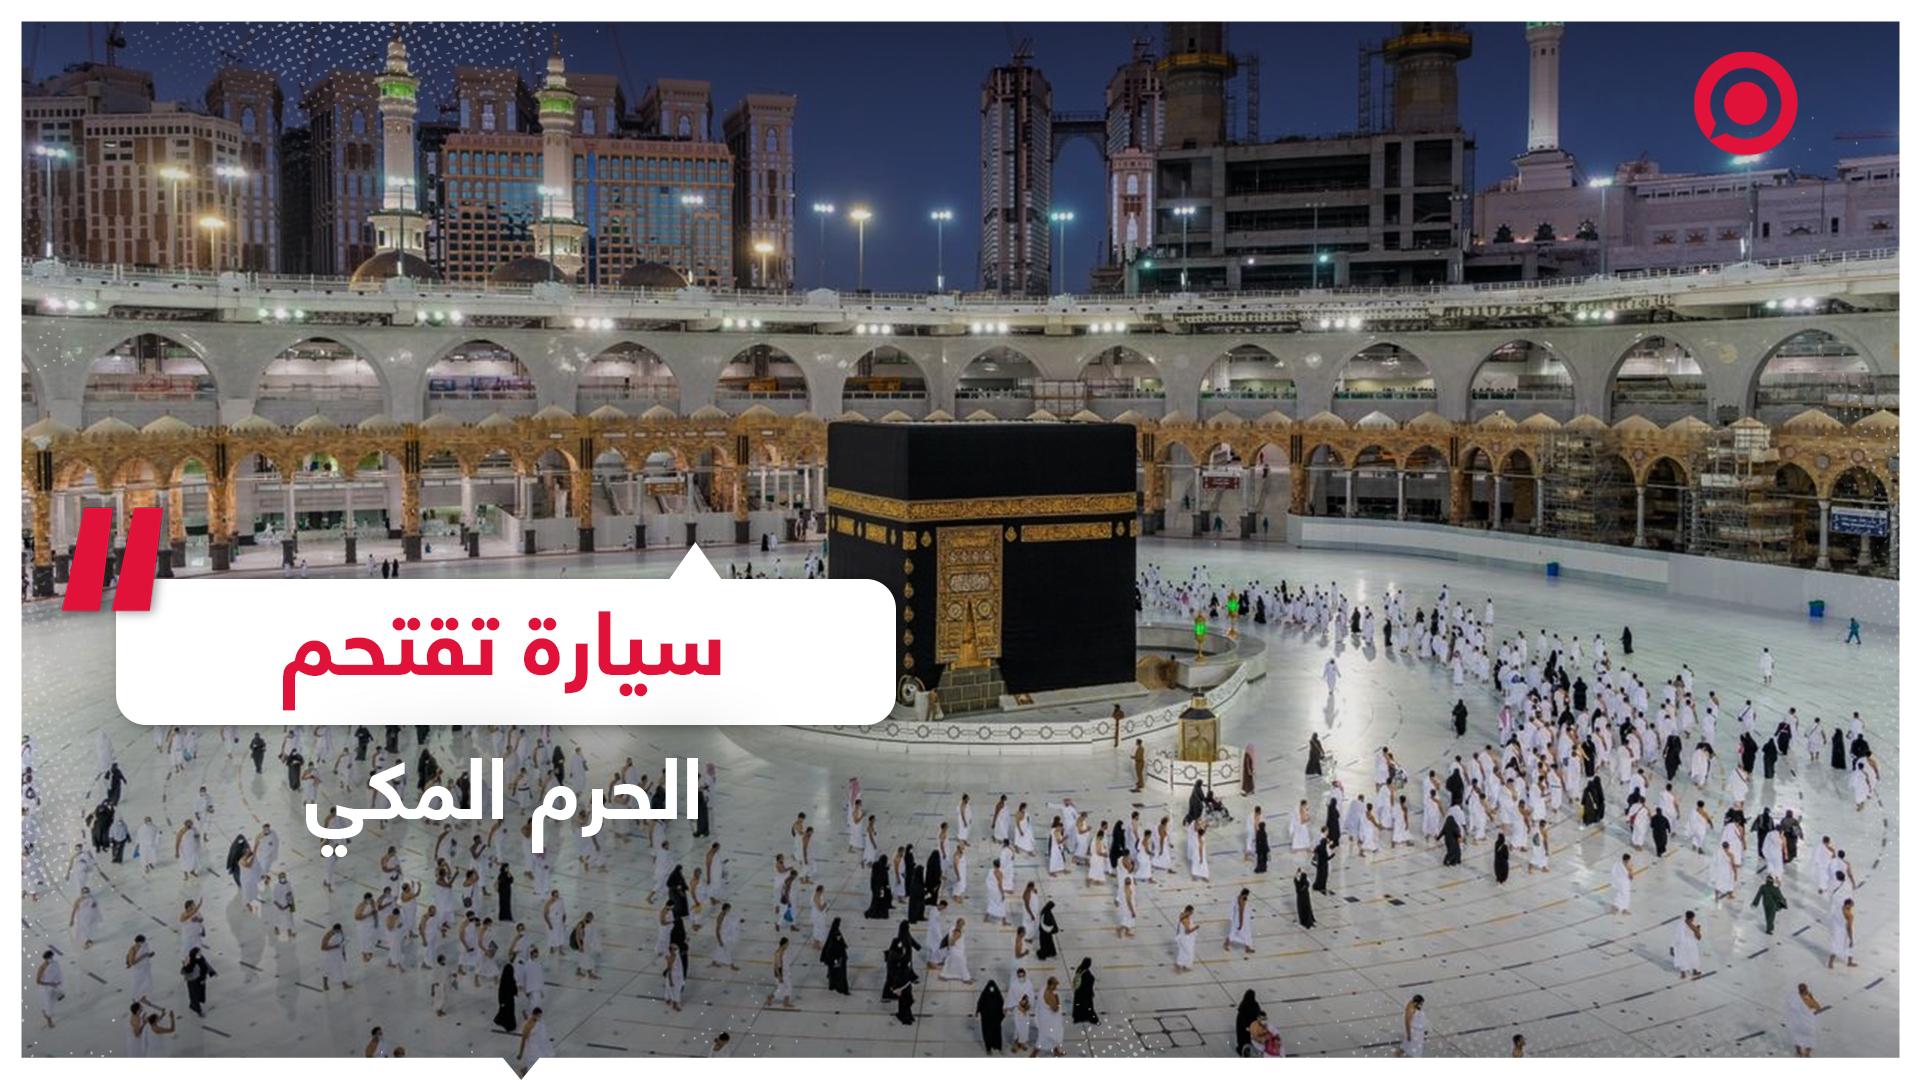 سيارة مسرعة تقتحم الحرم المكي وإمارة مكة توضح ما حدث